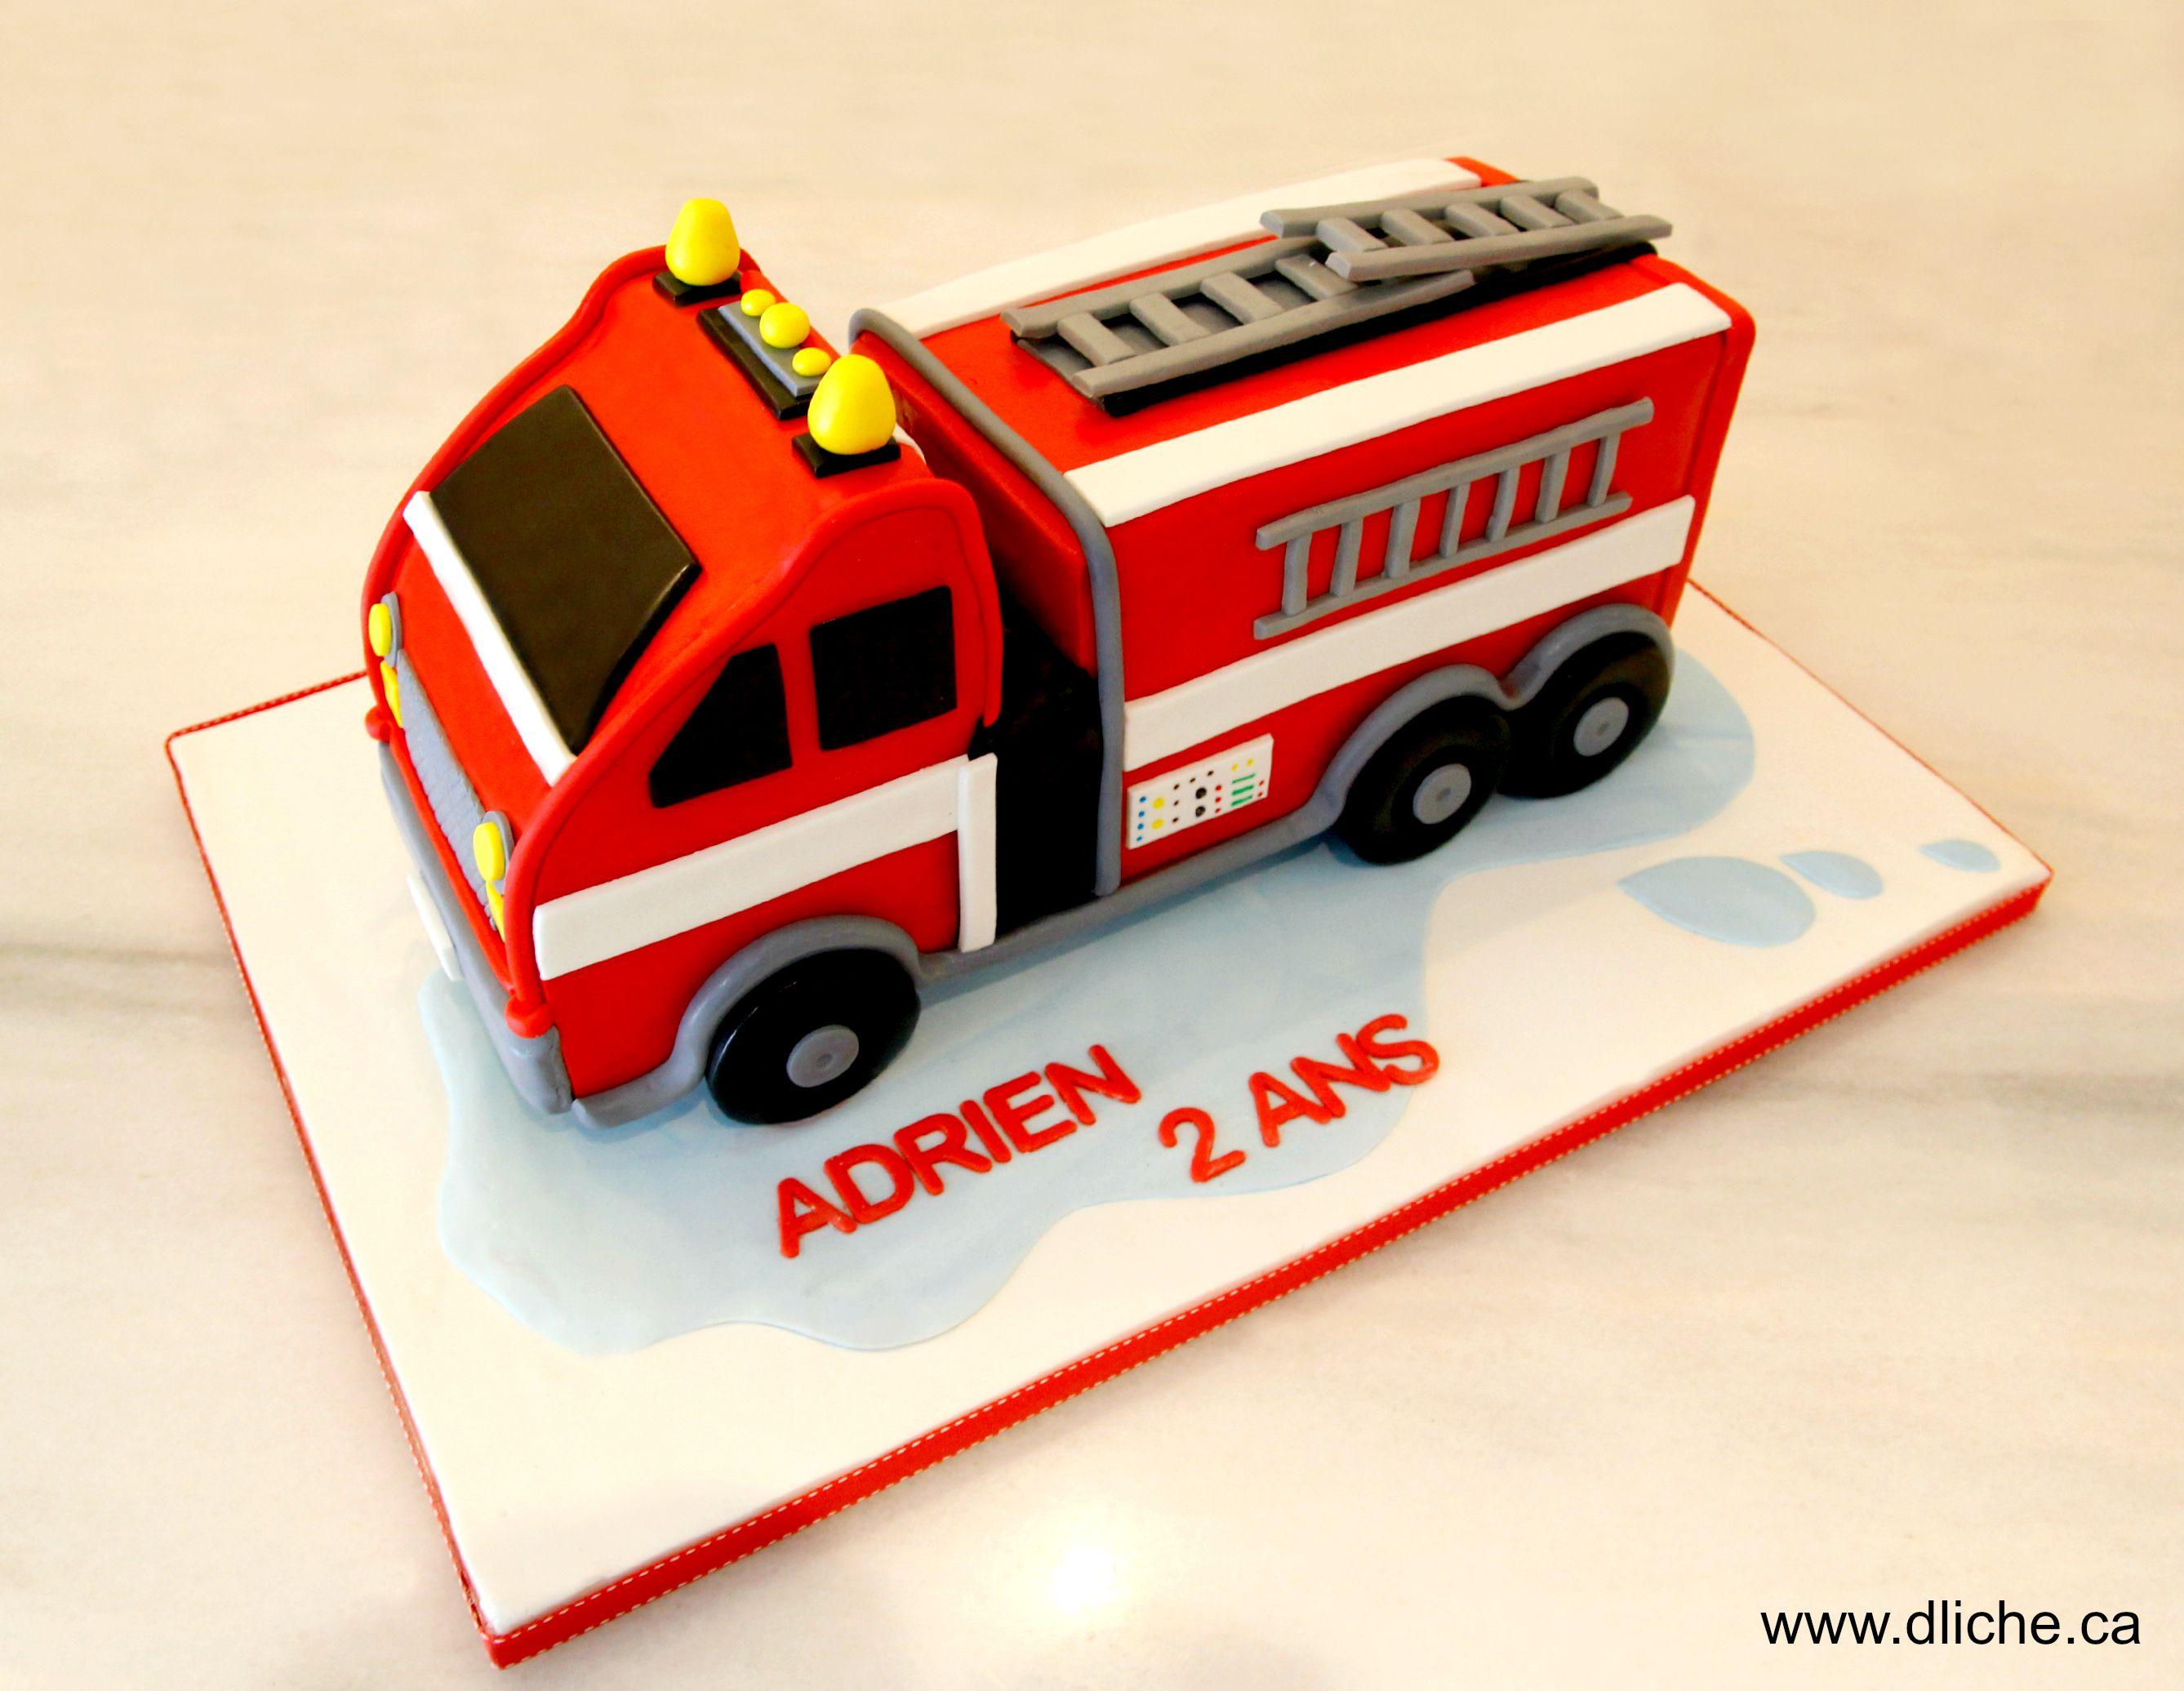 firetruck cake for adrien 39 s birthday g teau camion de pompier pour la f te adrien fire. Black Bedroom Furniture Sets. Home Design Ideas